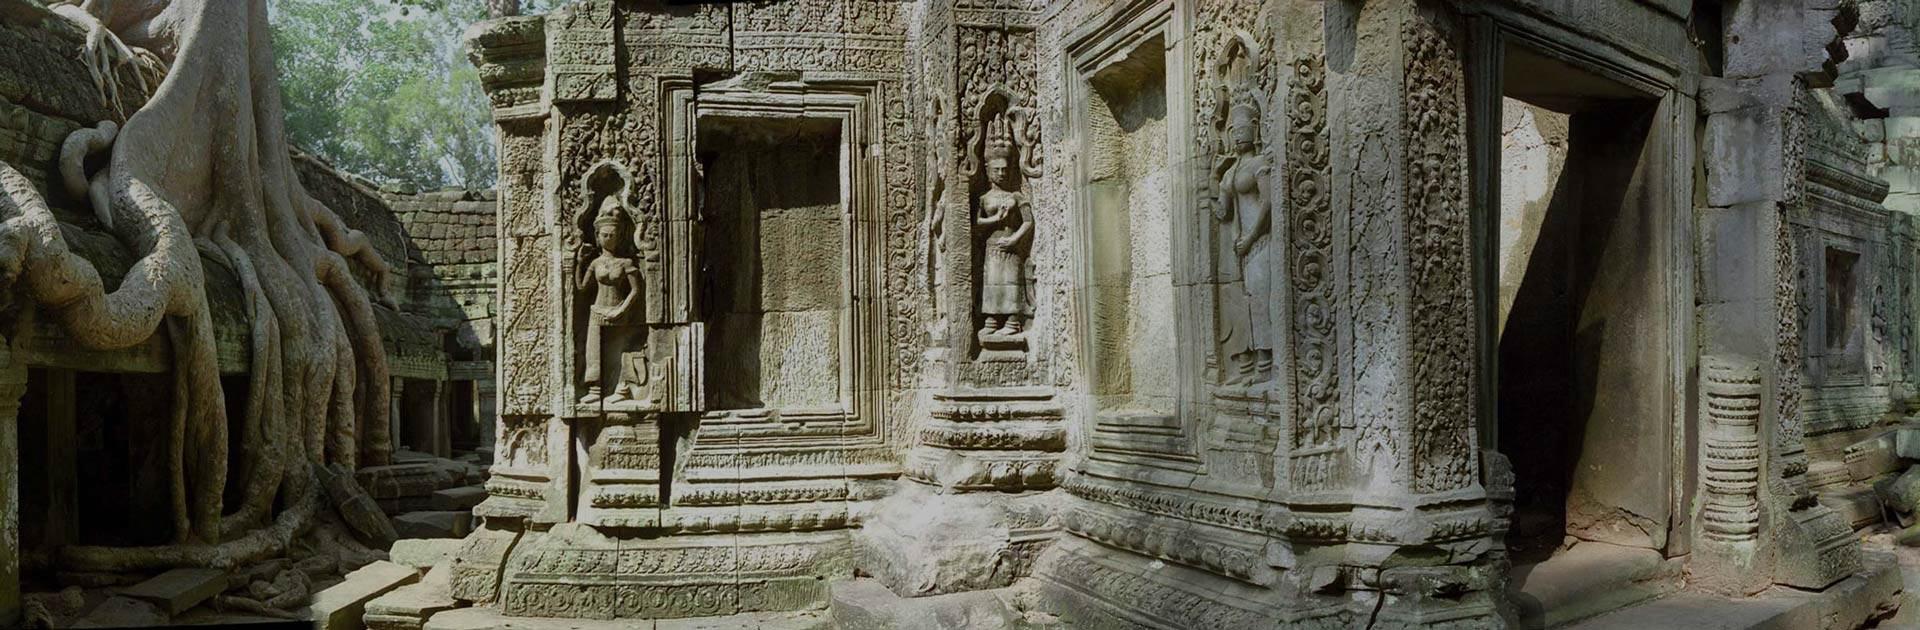 KHMM Maravillas de Myanmar y Angkor 15 días 4